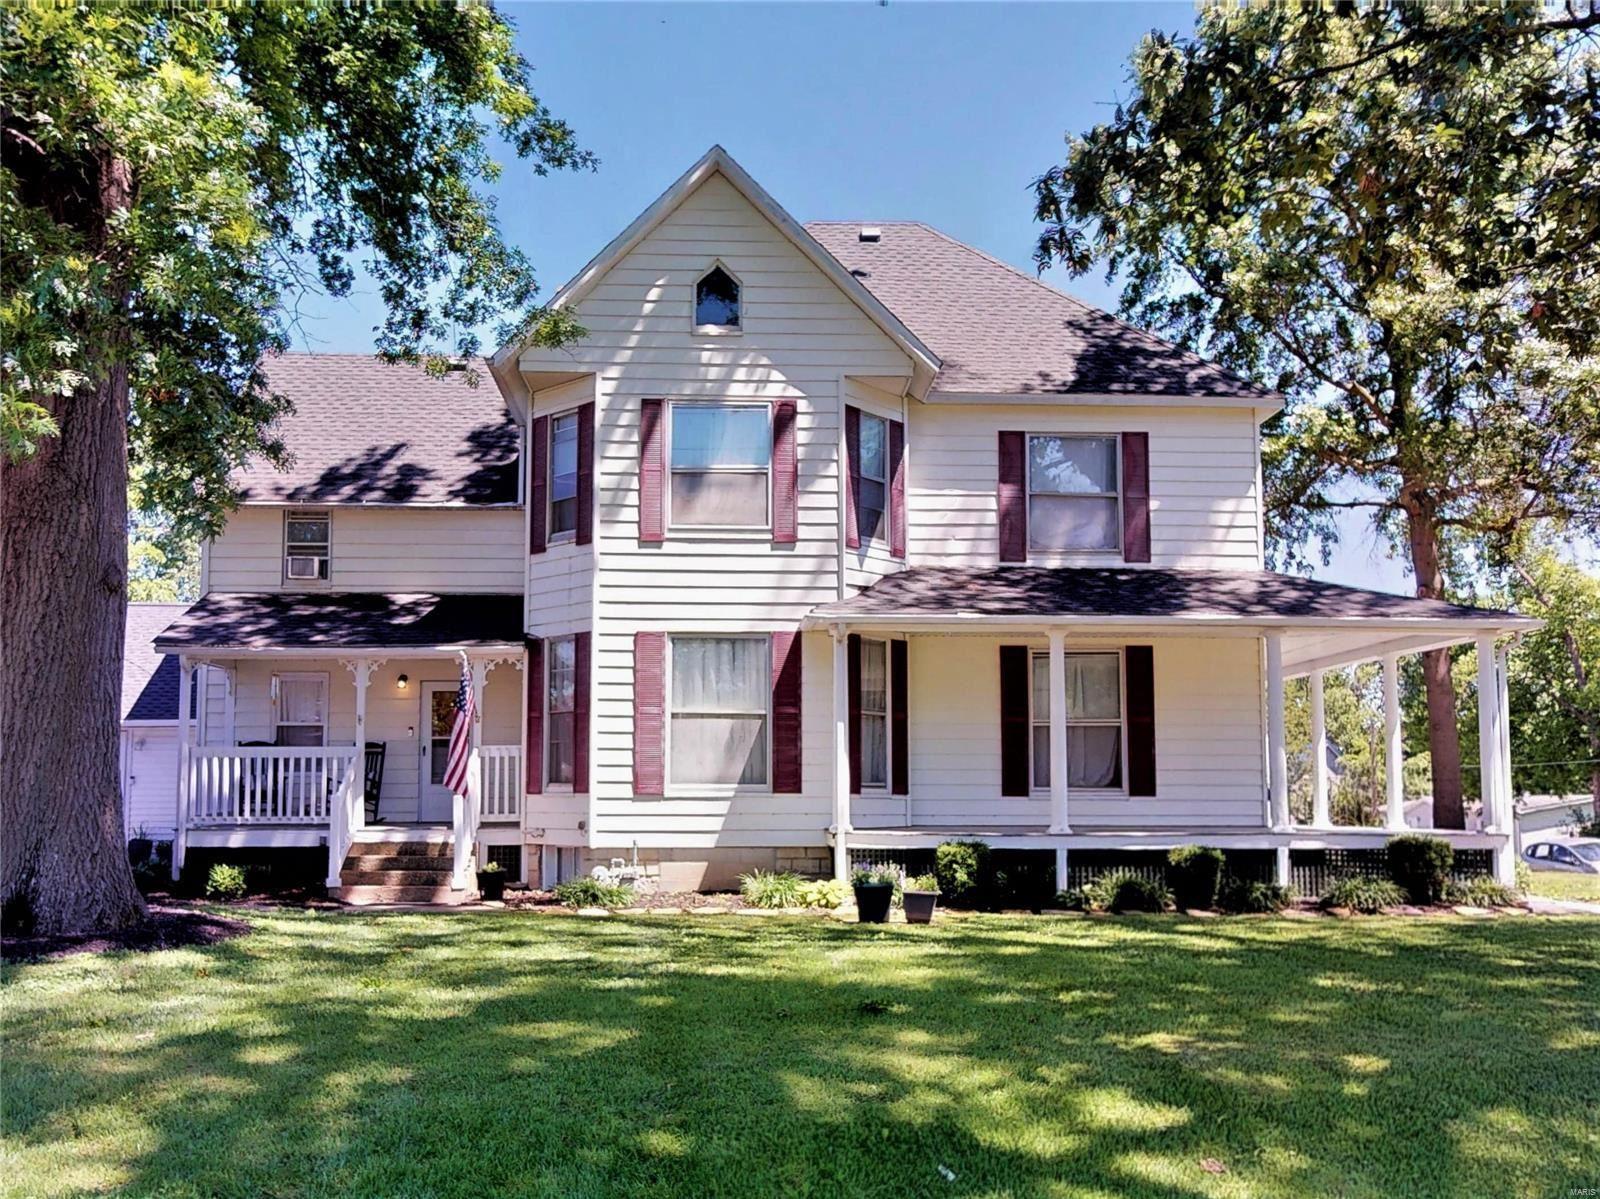 405 North Park, Marissa, IL 62257 - MLS#: 20003585